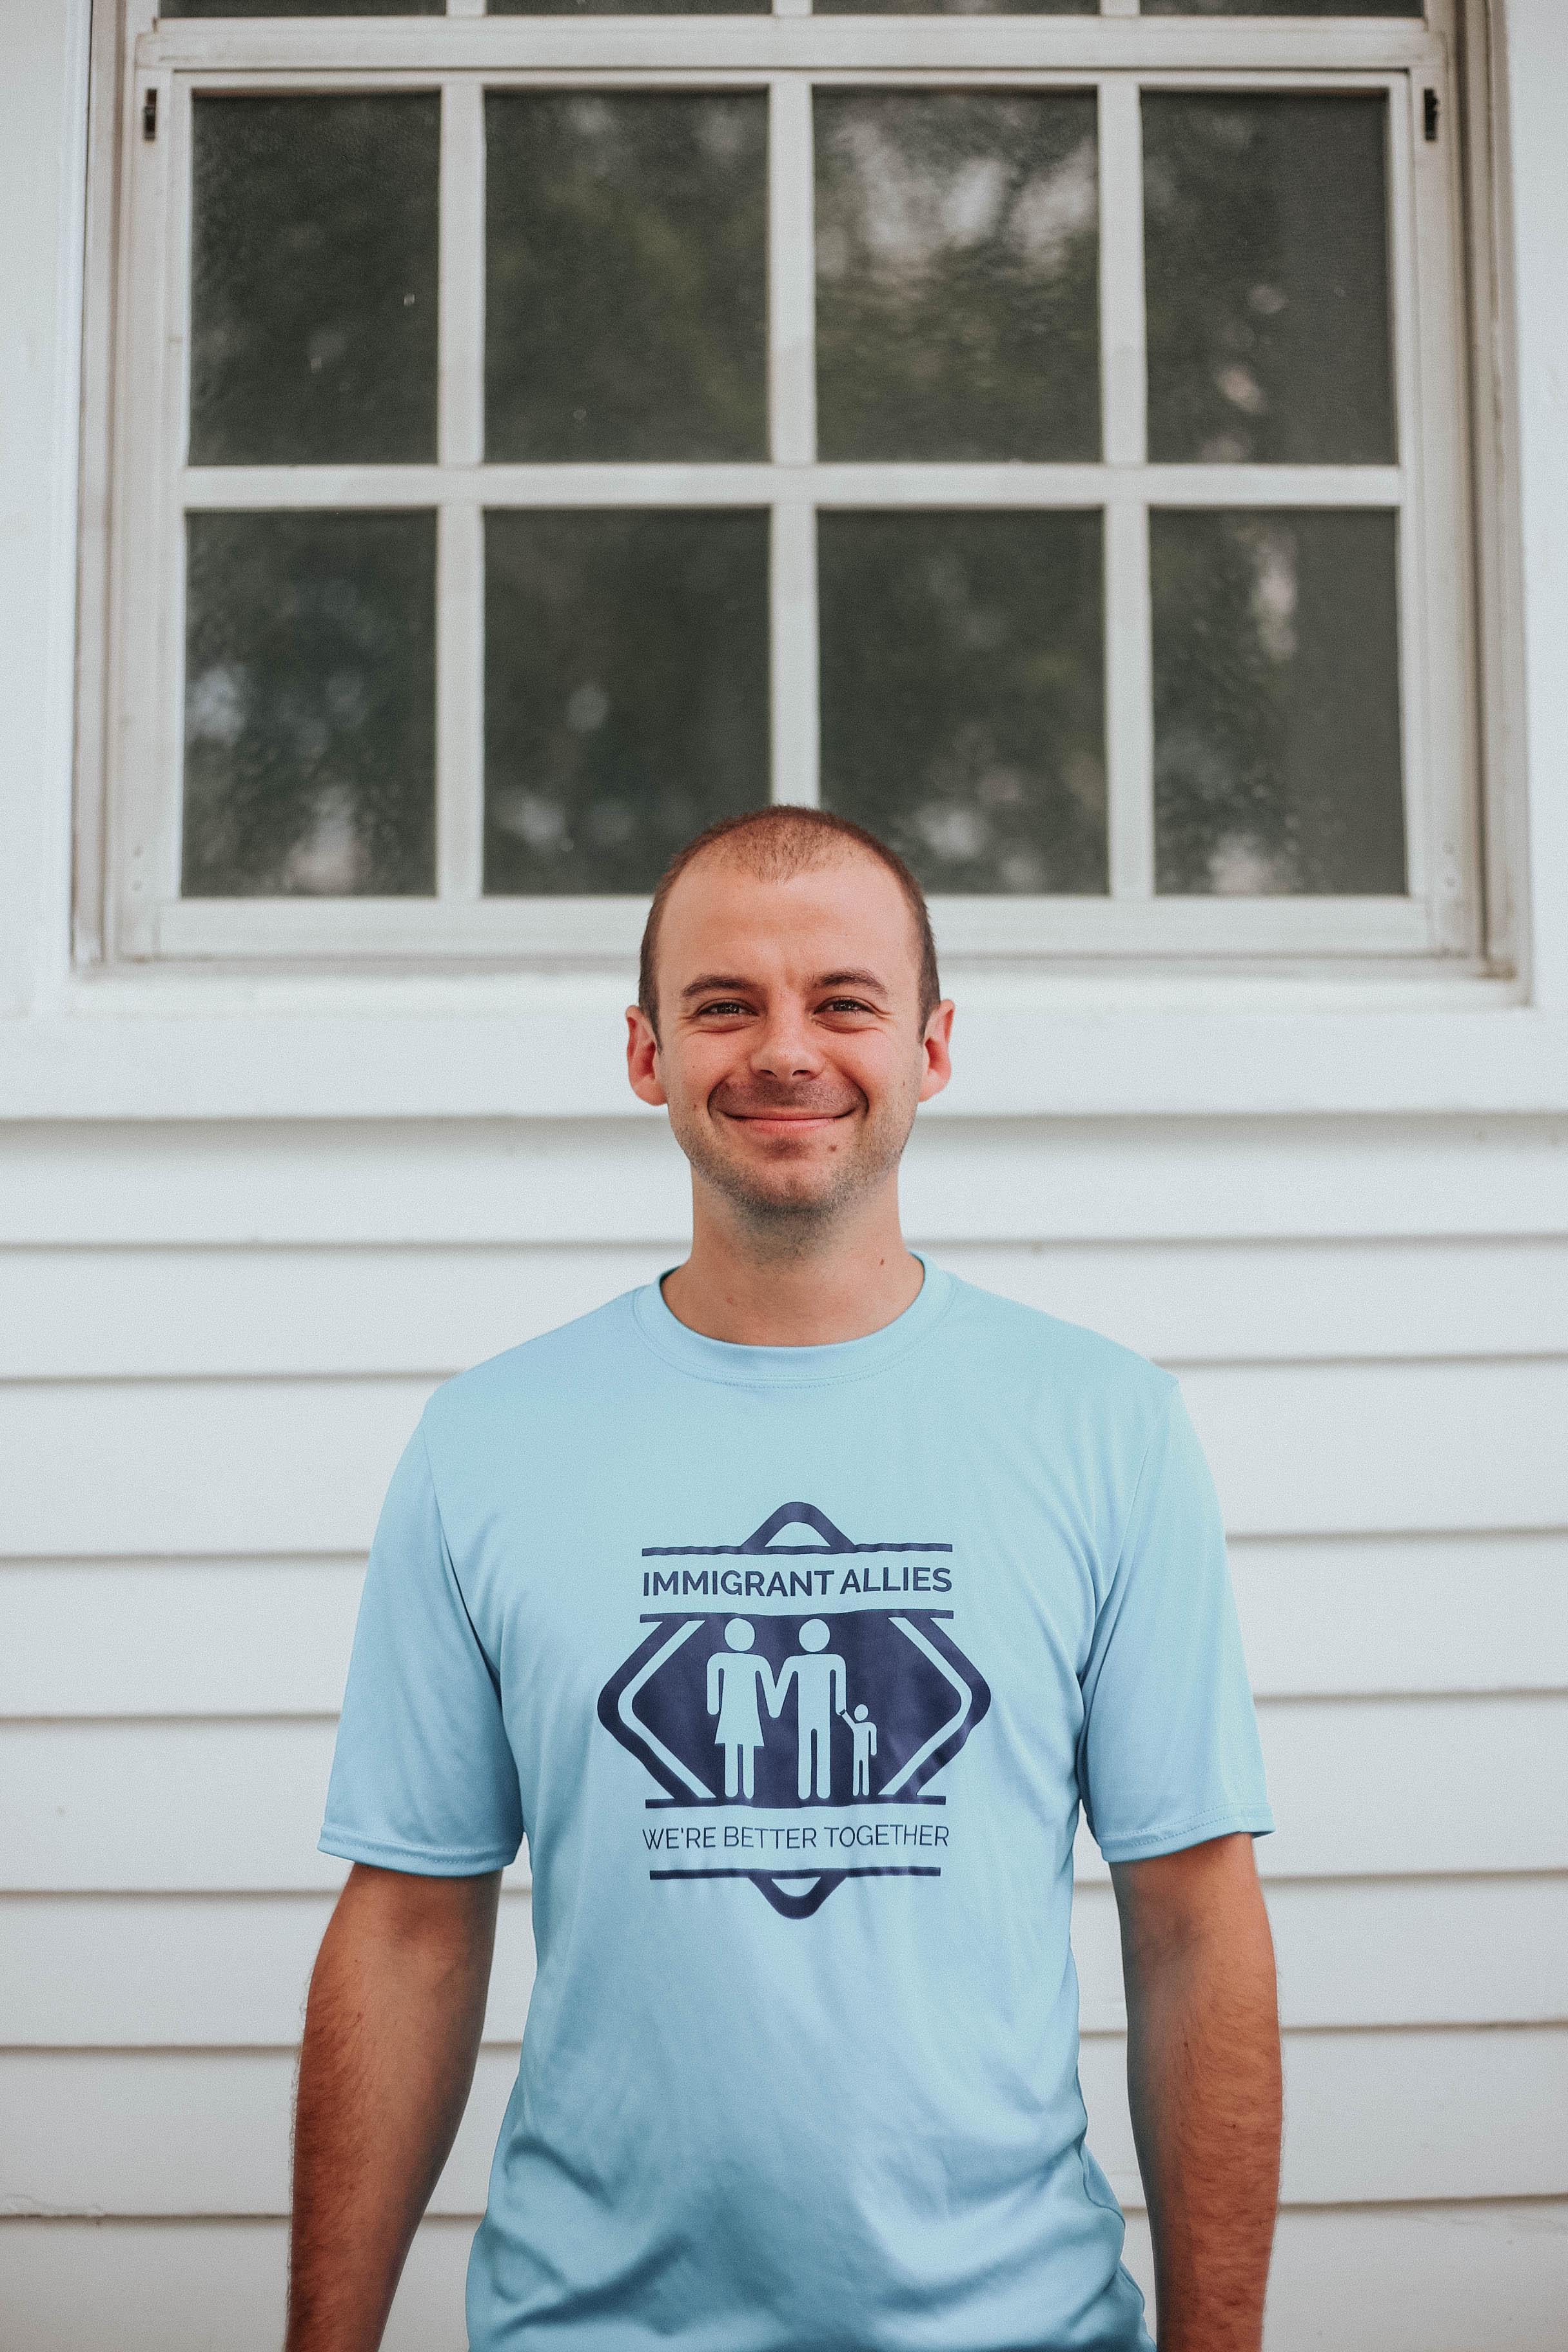 BEN OEGEMA - Sound Techniciansound@pillarchurch.com